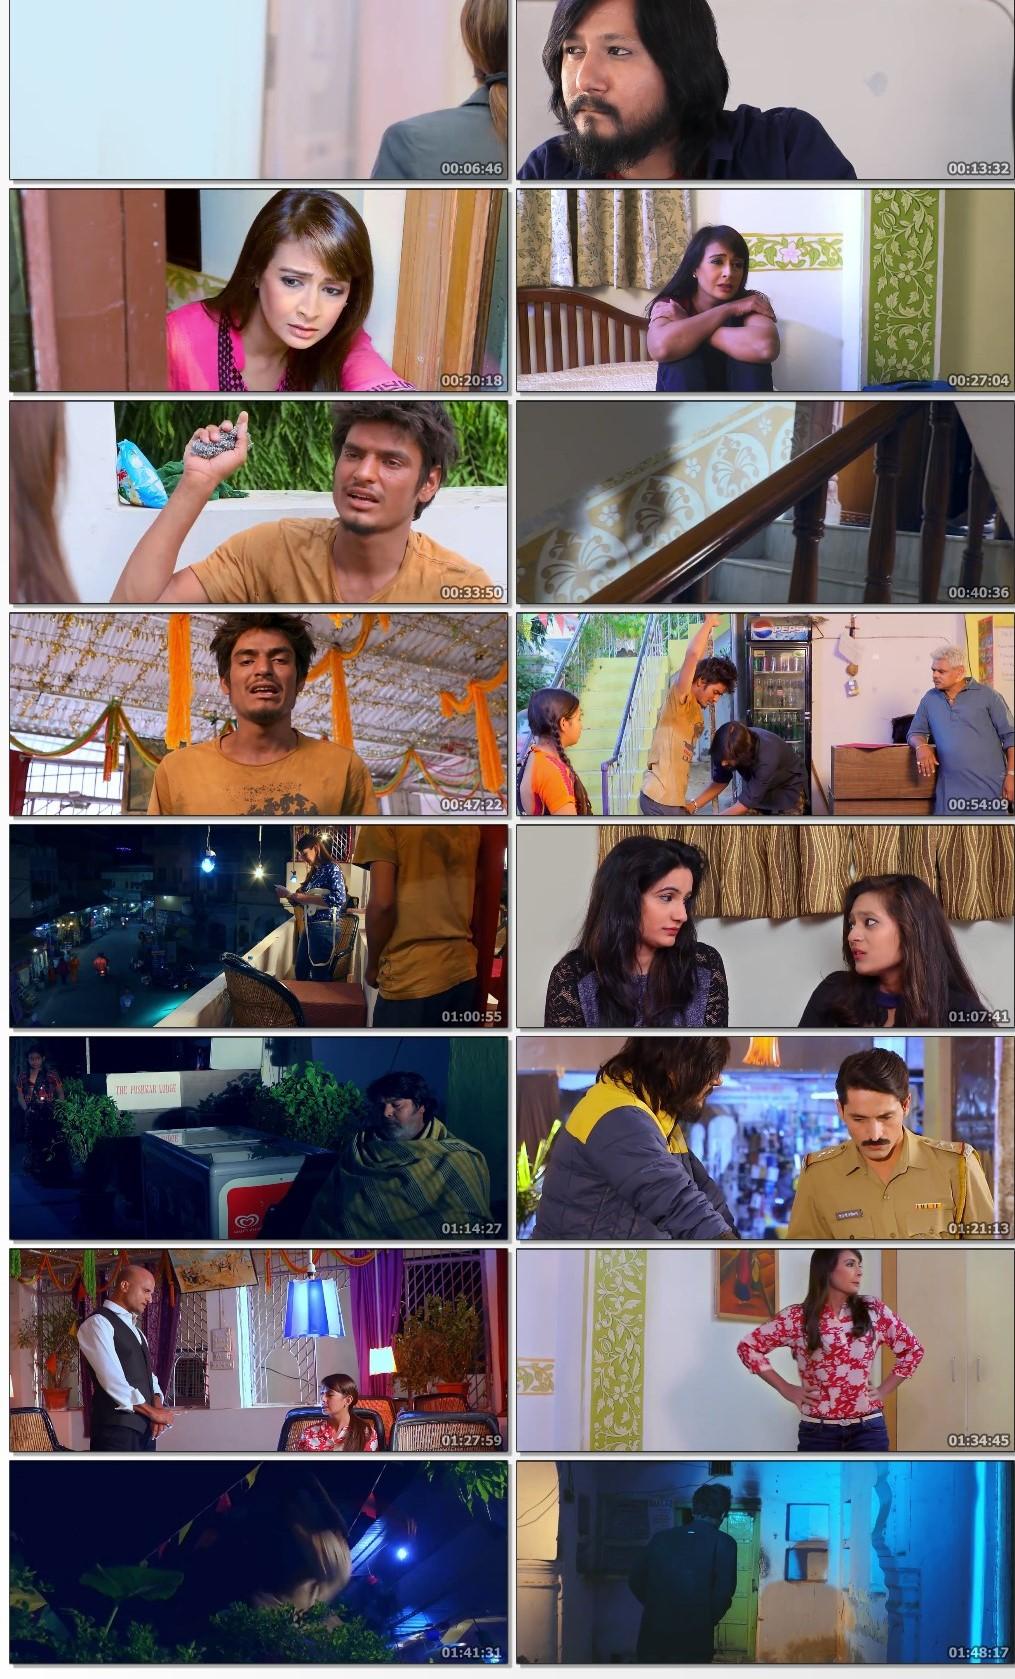 The-Pushkar-Lodge-2020-l-Hindi-Movie-720p-MX-HDRip-770-MB-mkv-thumbse3e0479e641bf226